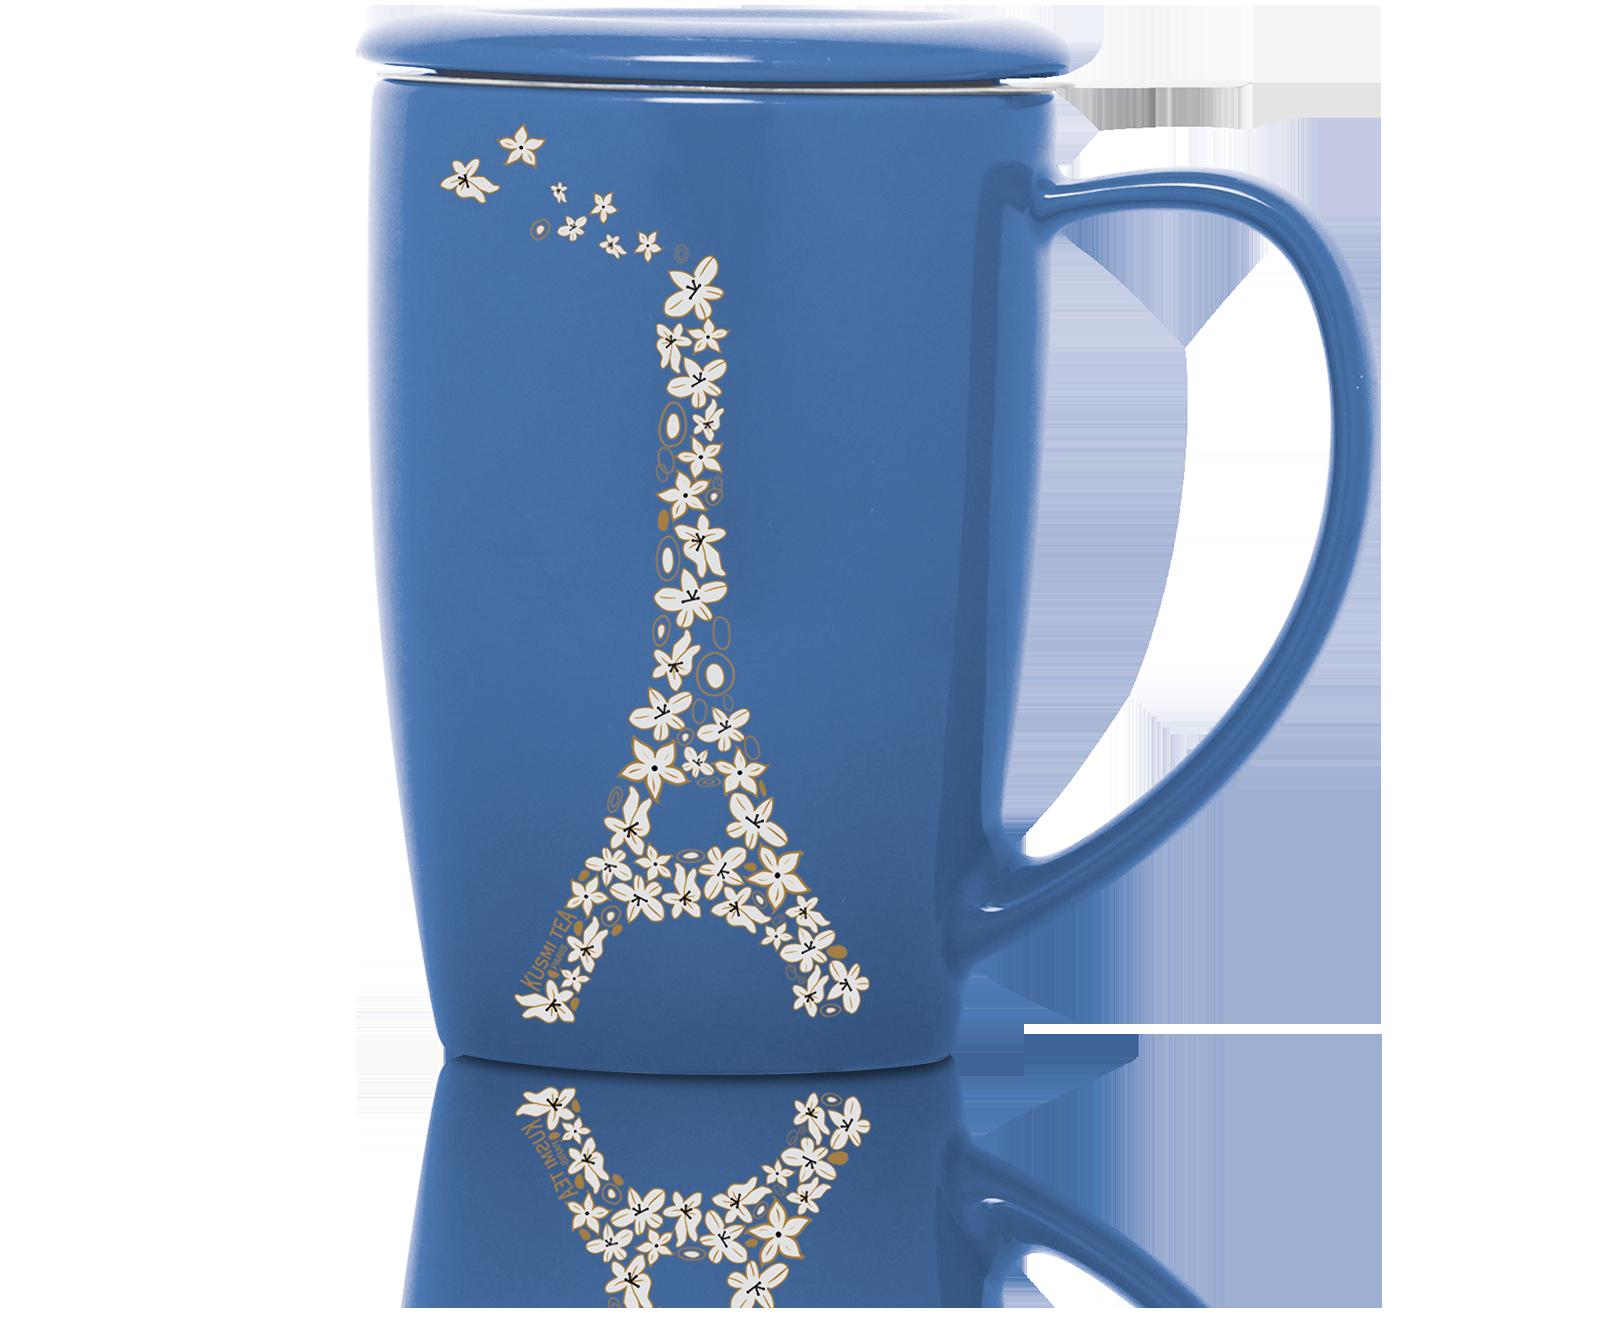 French Mug en céramique avec filtre et couvercle - Bleu